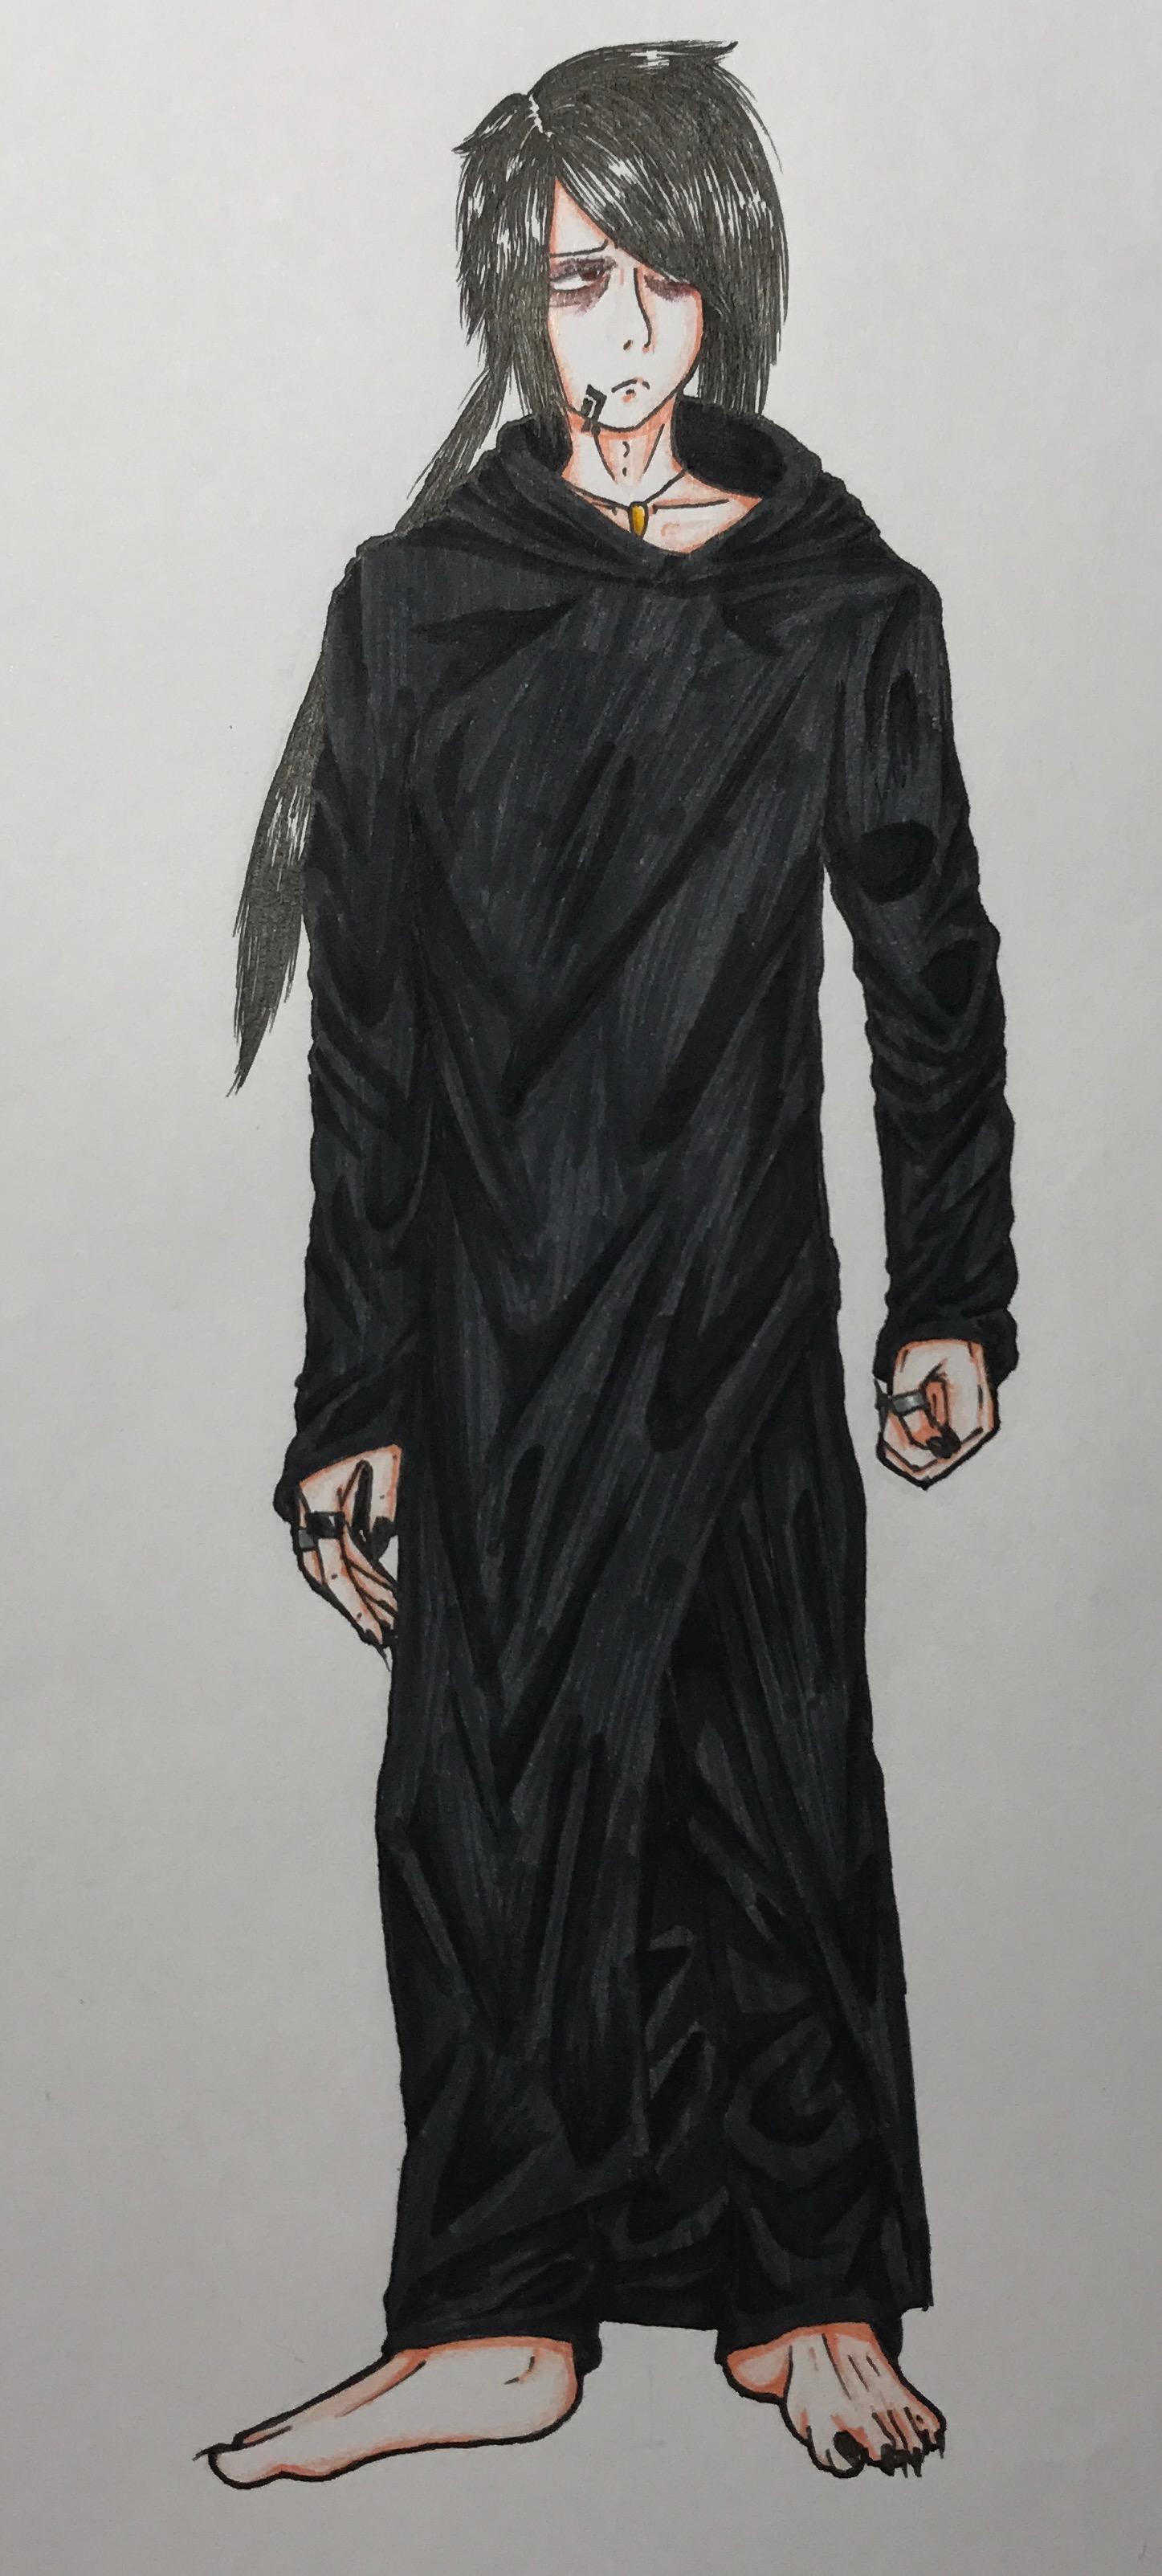 szephyr's Profile Picture